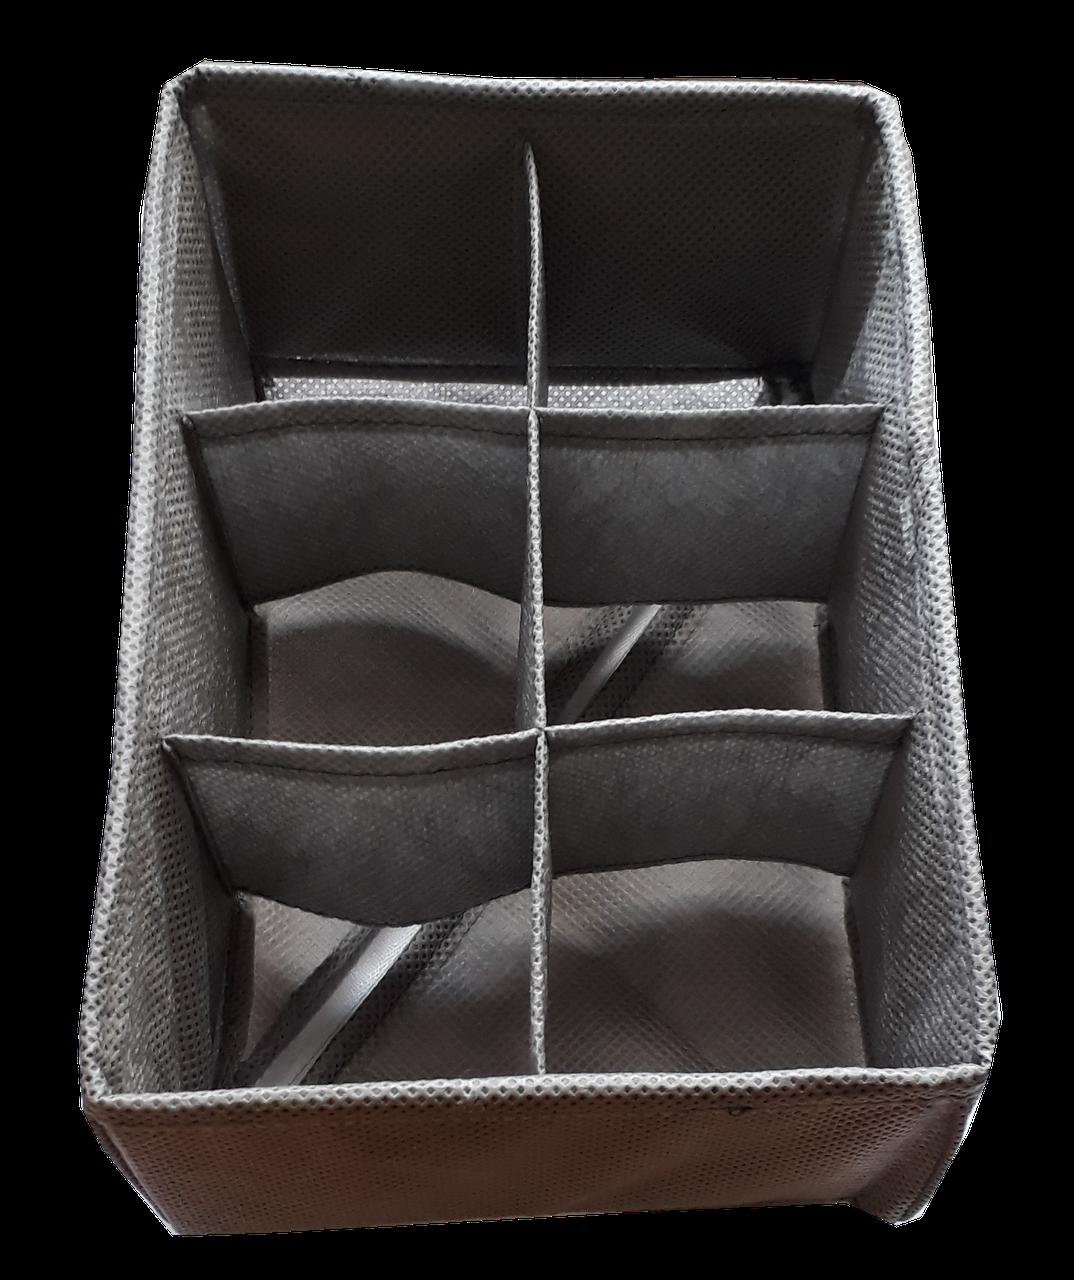 Органайзеры для белья по индивидуальным размерам (модель 48)